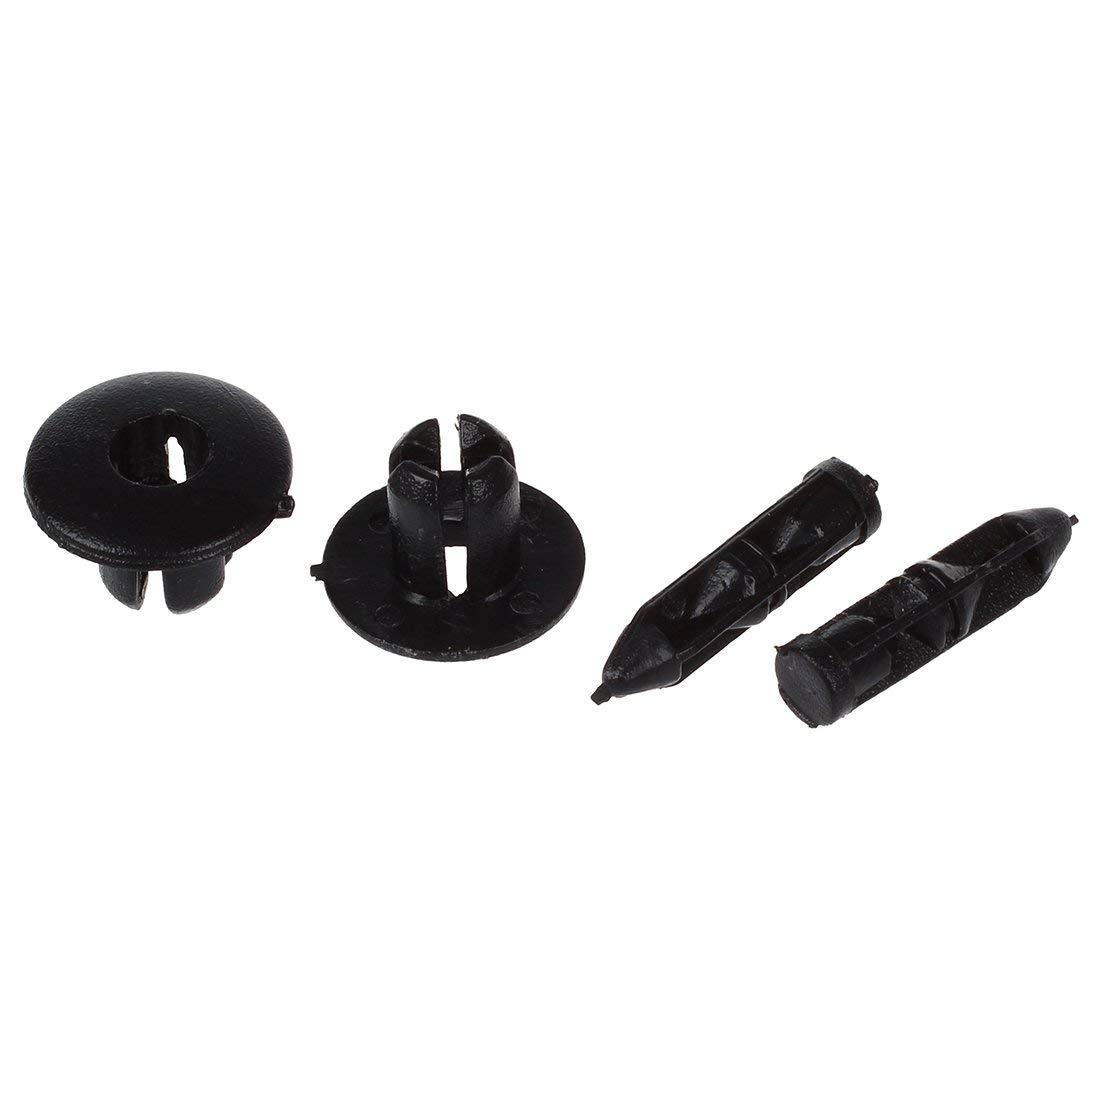 SODIAL R 20 x 7mm trou de Vis//Rivet de la fixation de bare-amortisseur en plastique